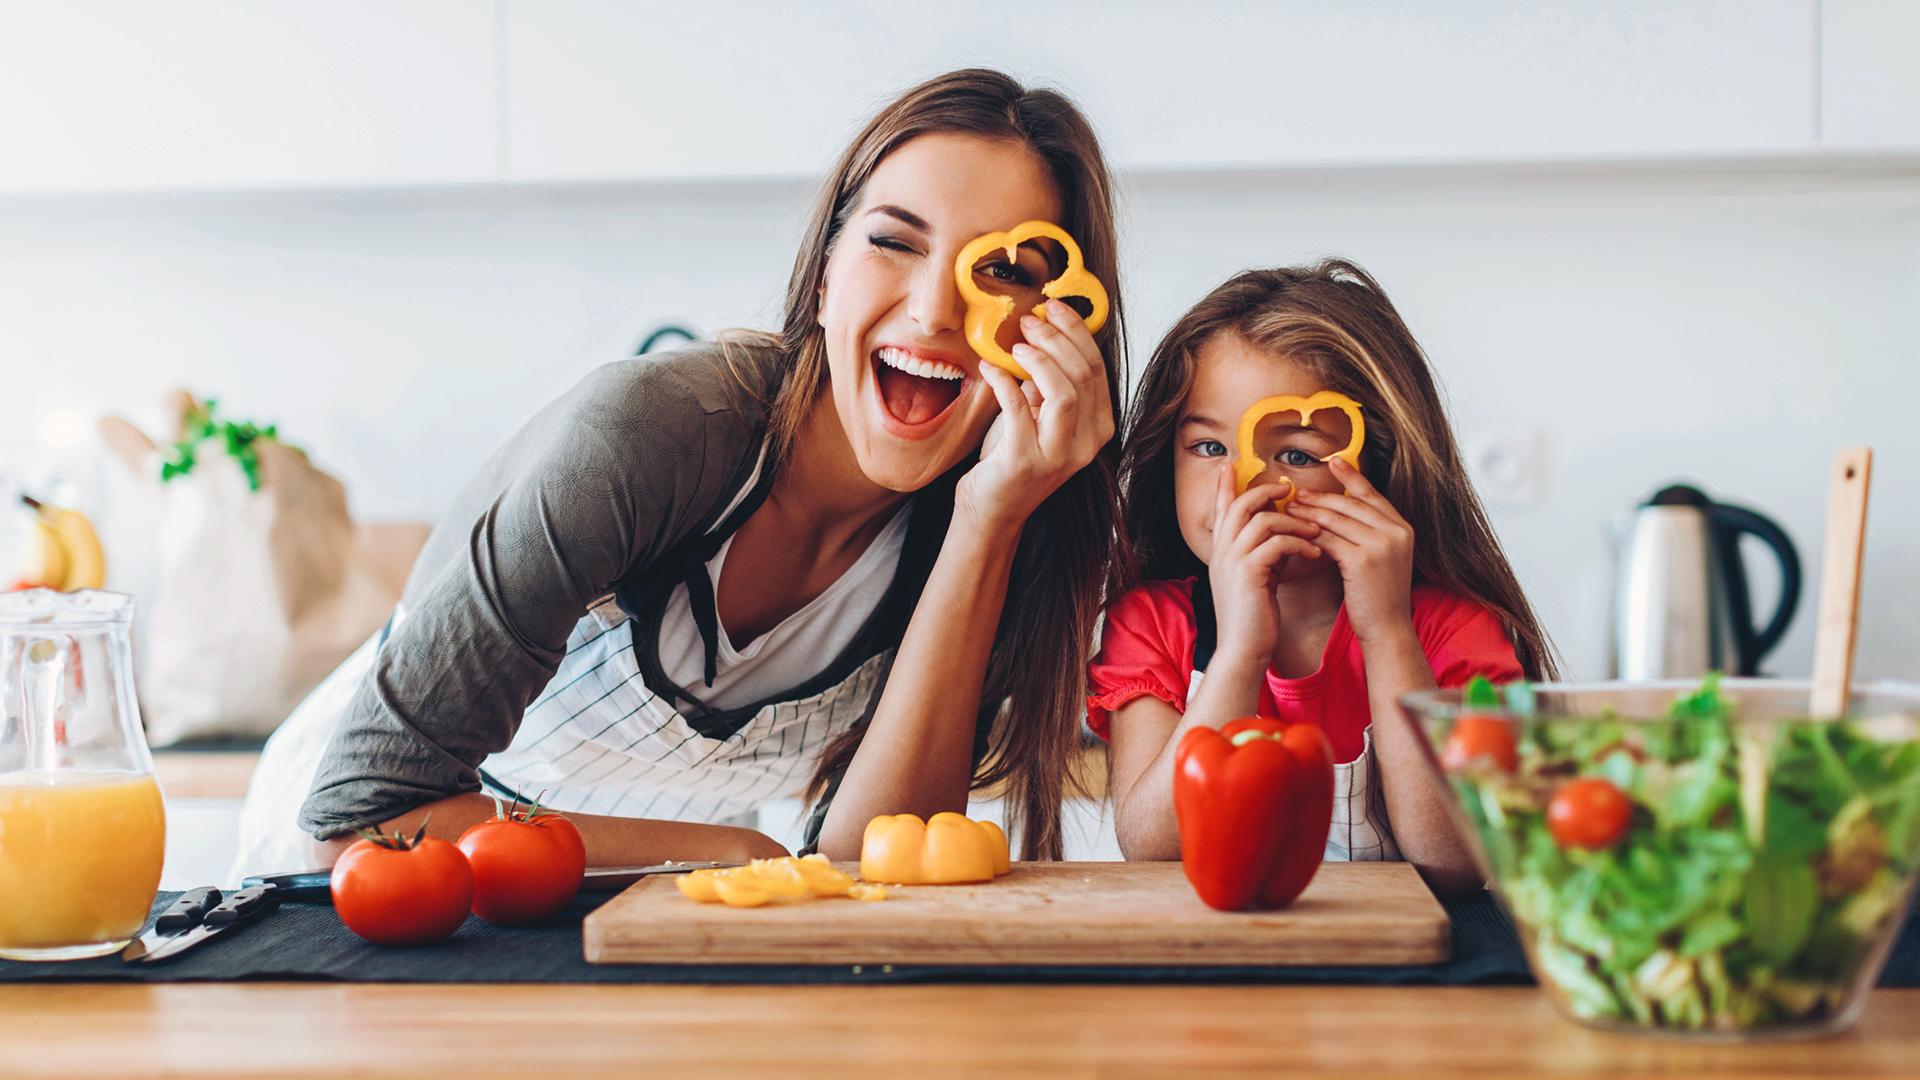 การทำอาหารคลีนด้วยตนเองแบบประหยัด เพื่อสุขภาพที่ดี